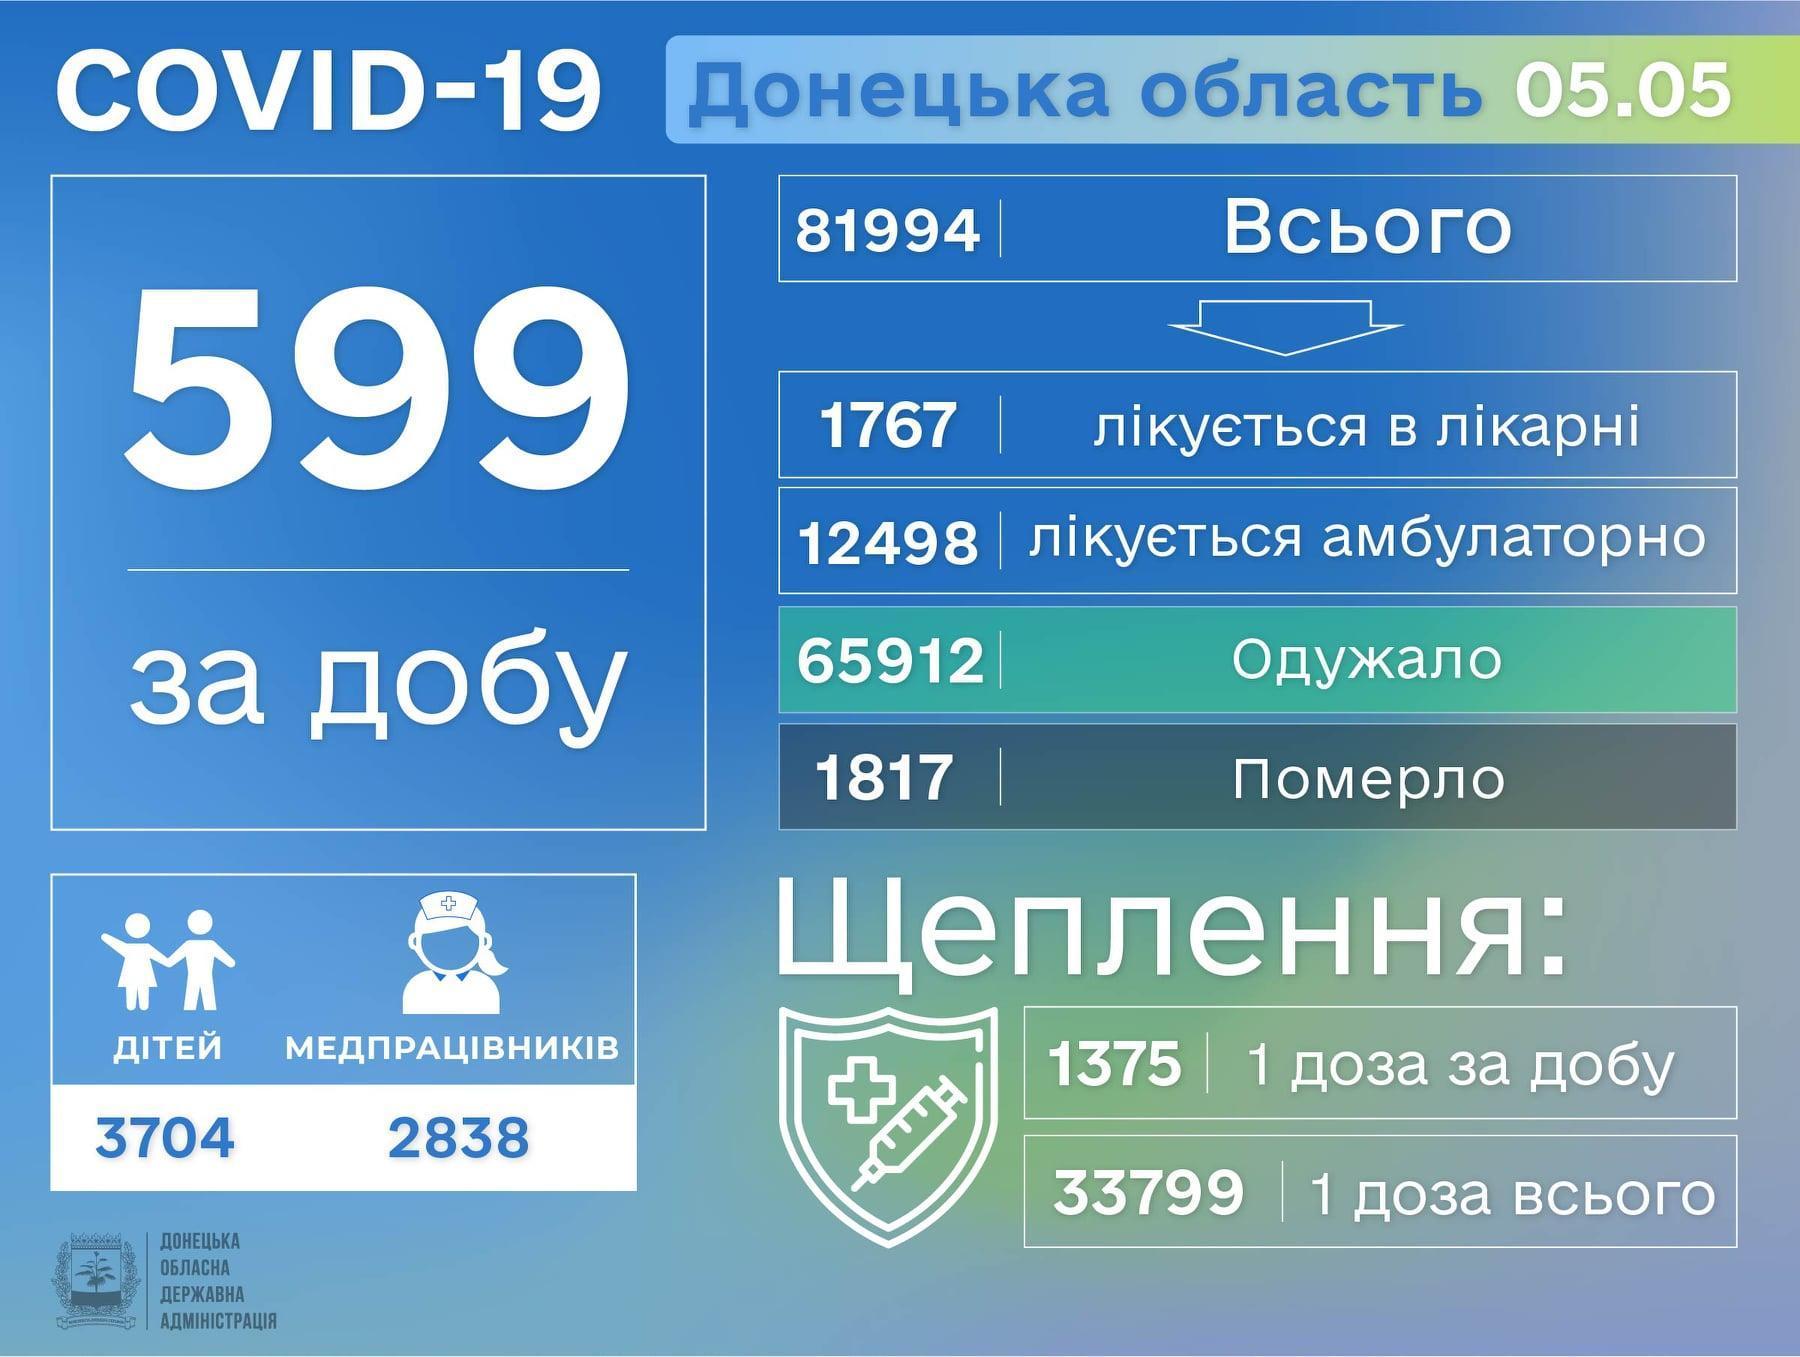 Статистика коронавируса в Донецкой области по состоянию на 6 мая